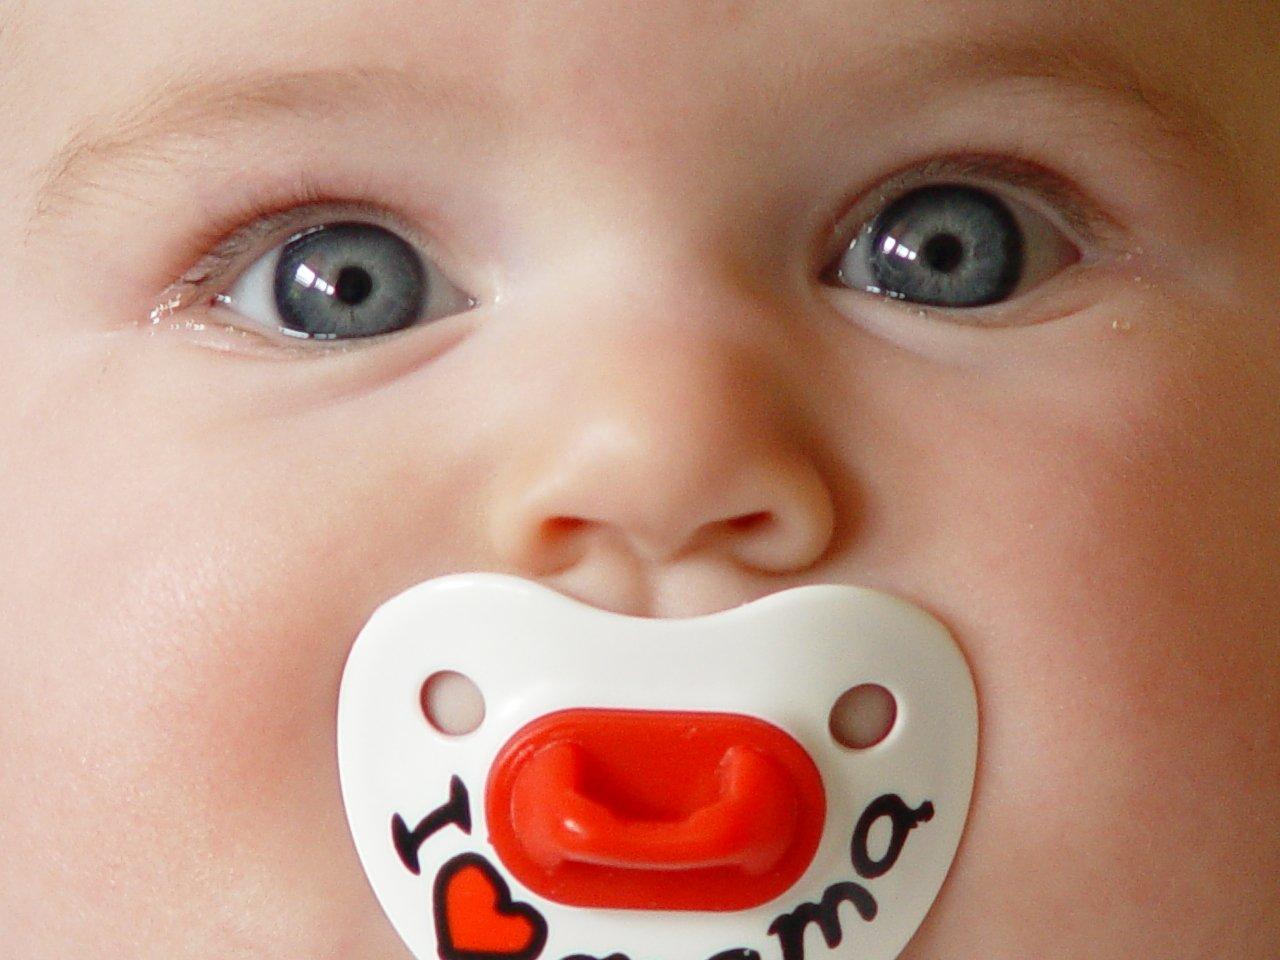 A baby face